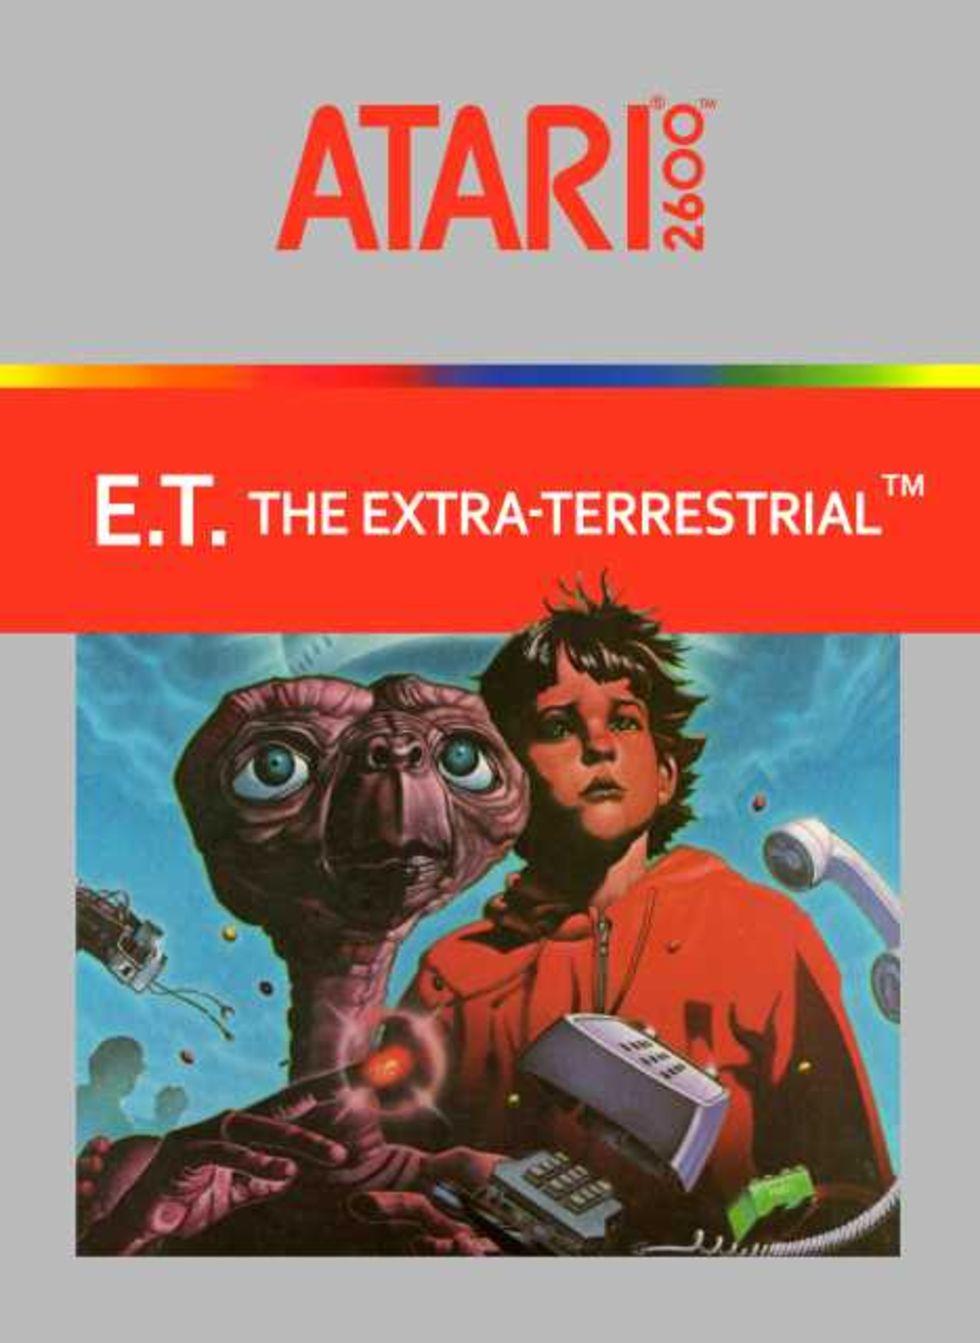 Nu ska de nergrävda E.T-spelen grävas upp